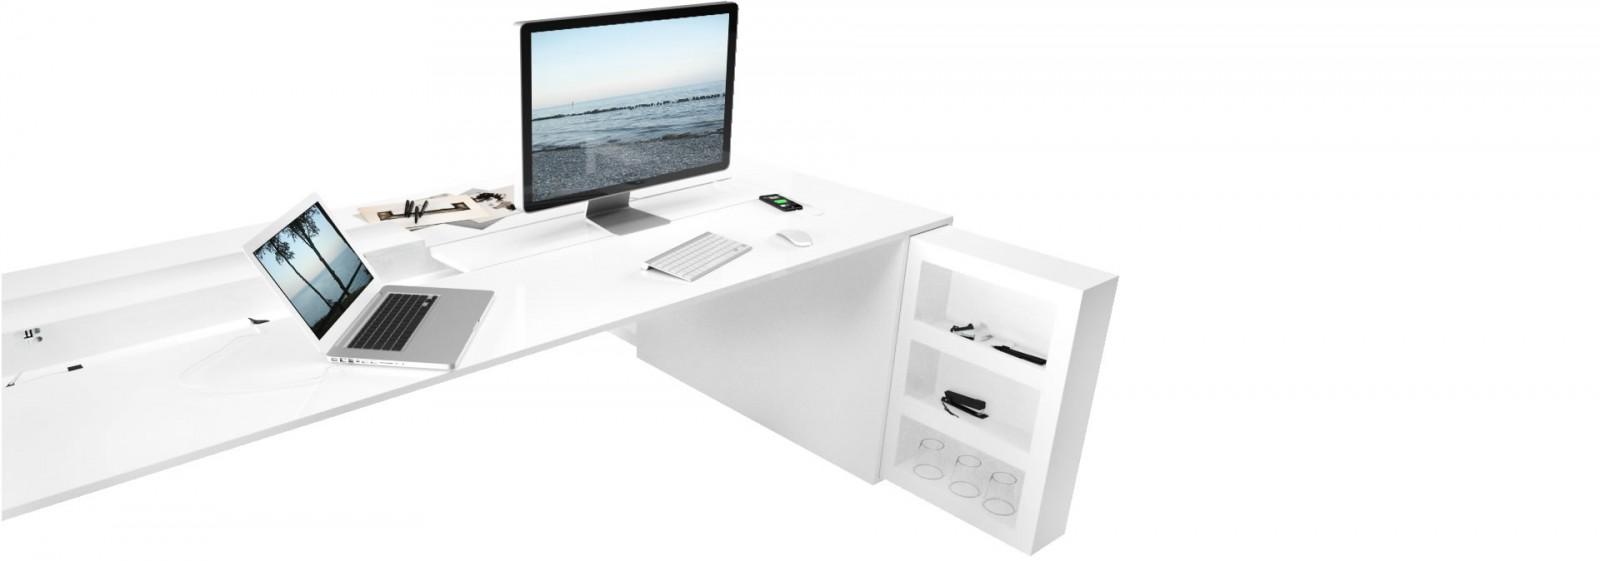 Schreibtisch büro weiß  Besprechungstisch UNIVERSI online kaufen ▭ moderne Design ...